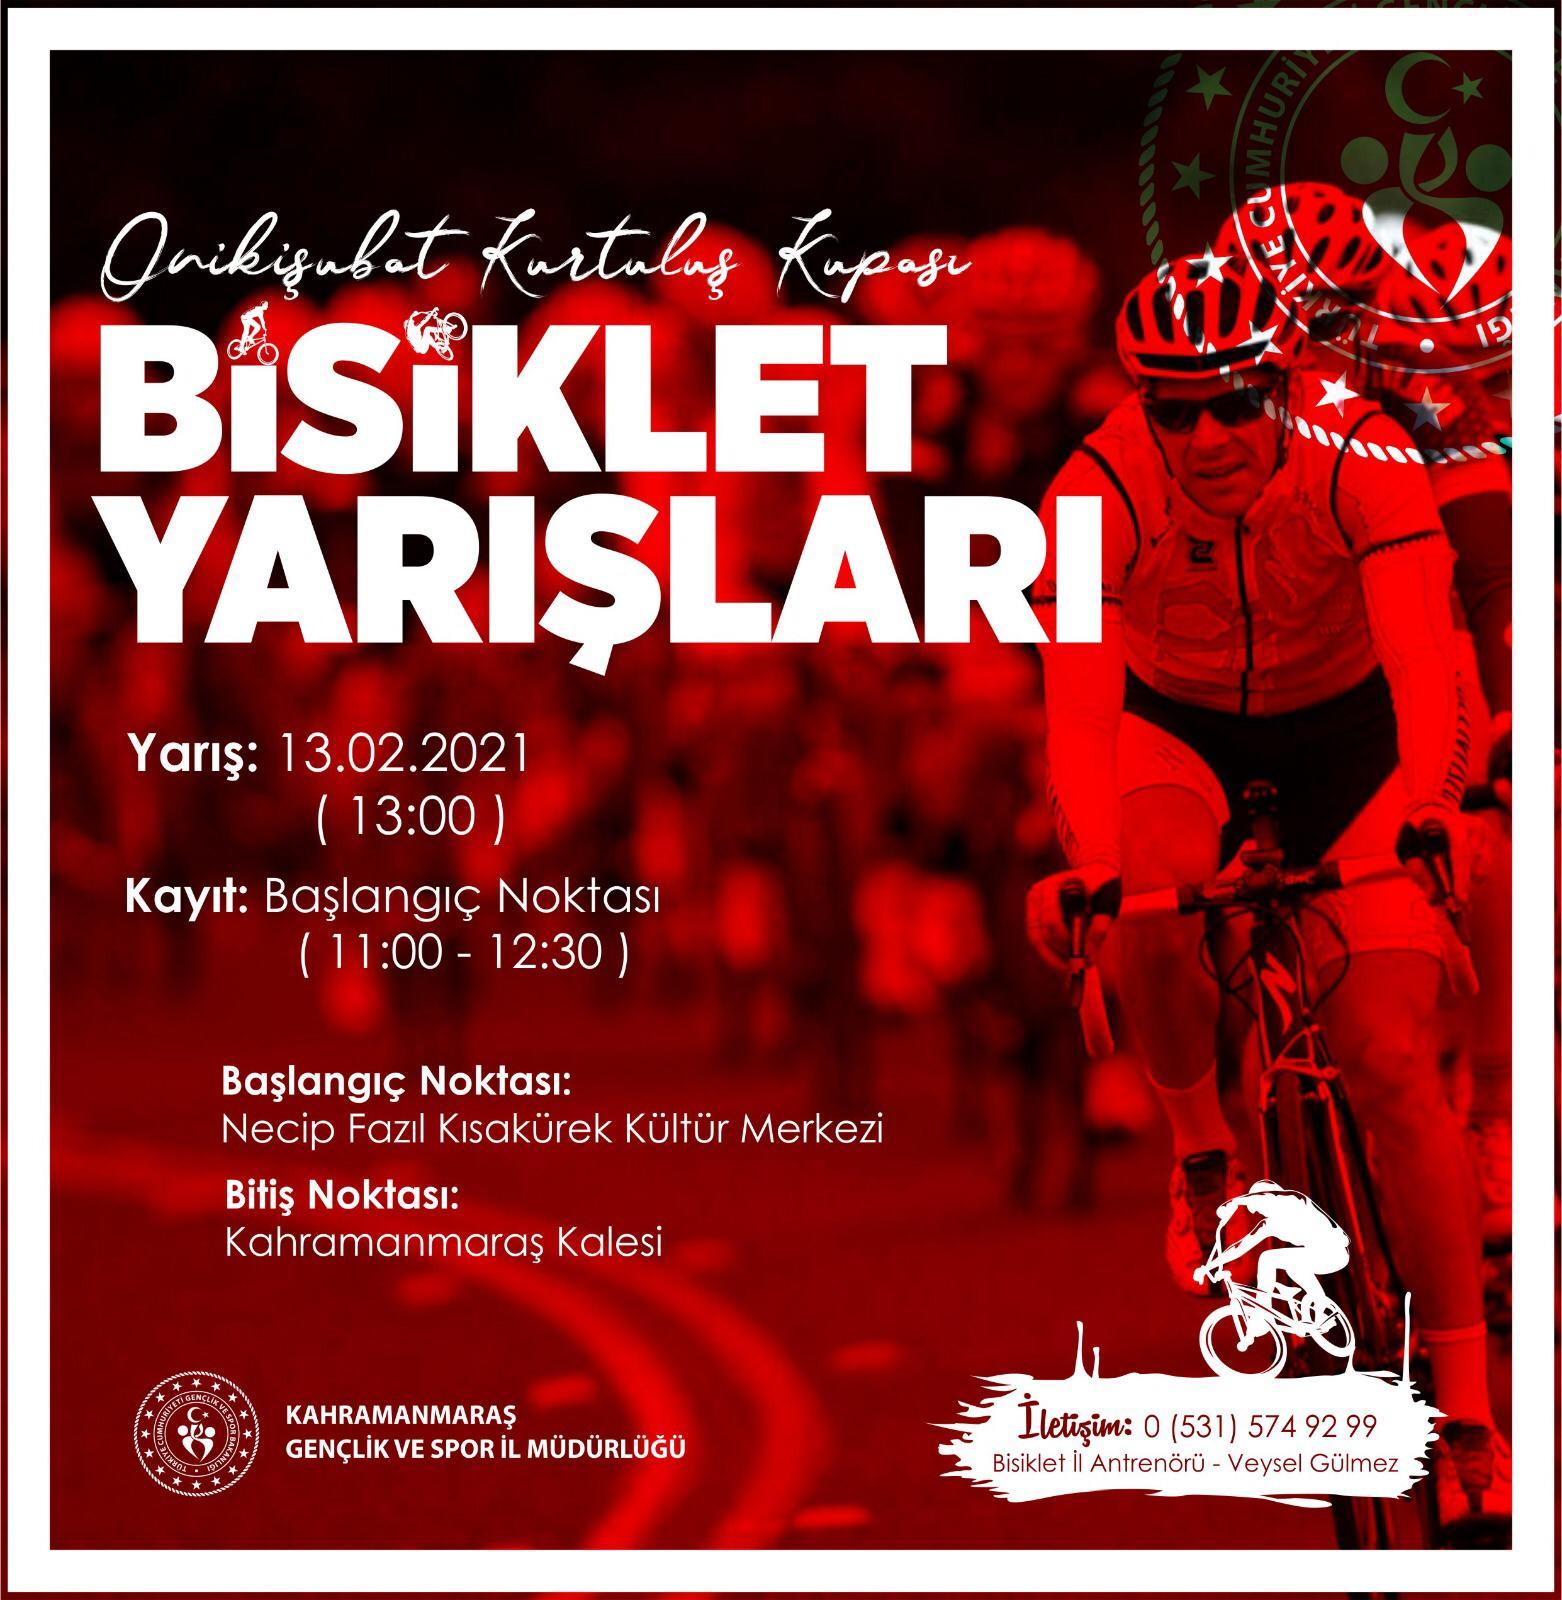 12 Şubat Kurtuluş Etkinlikleri Kapsamında Bisiklet Yarışları Düzenlenecek